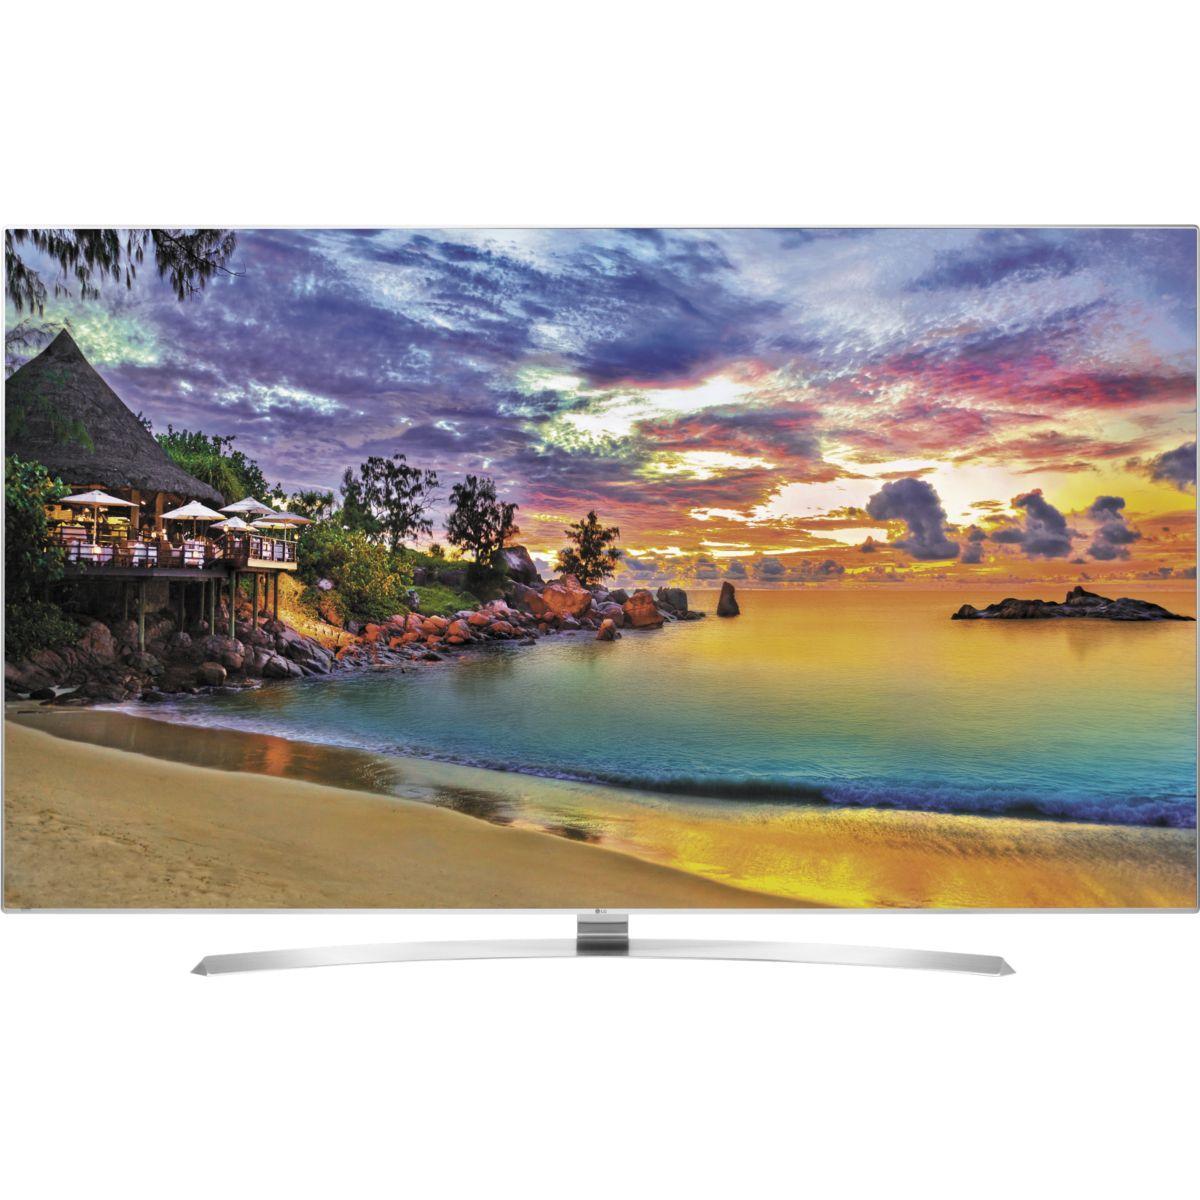 TV LG 55UH950V 200HZ 4K SMART TV 3D